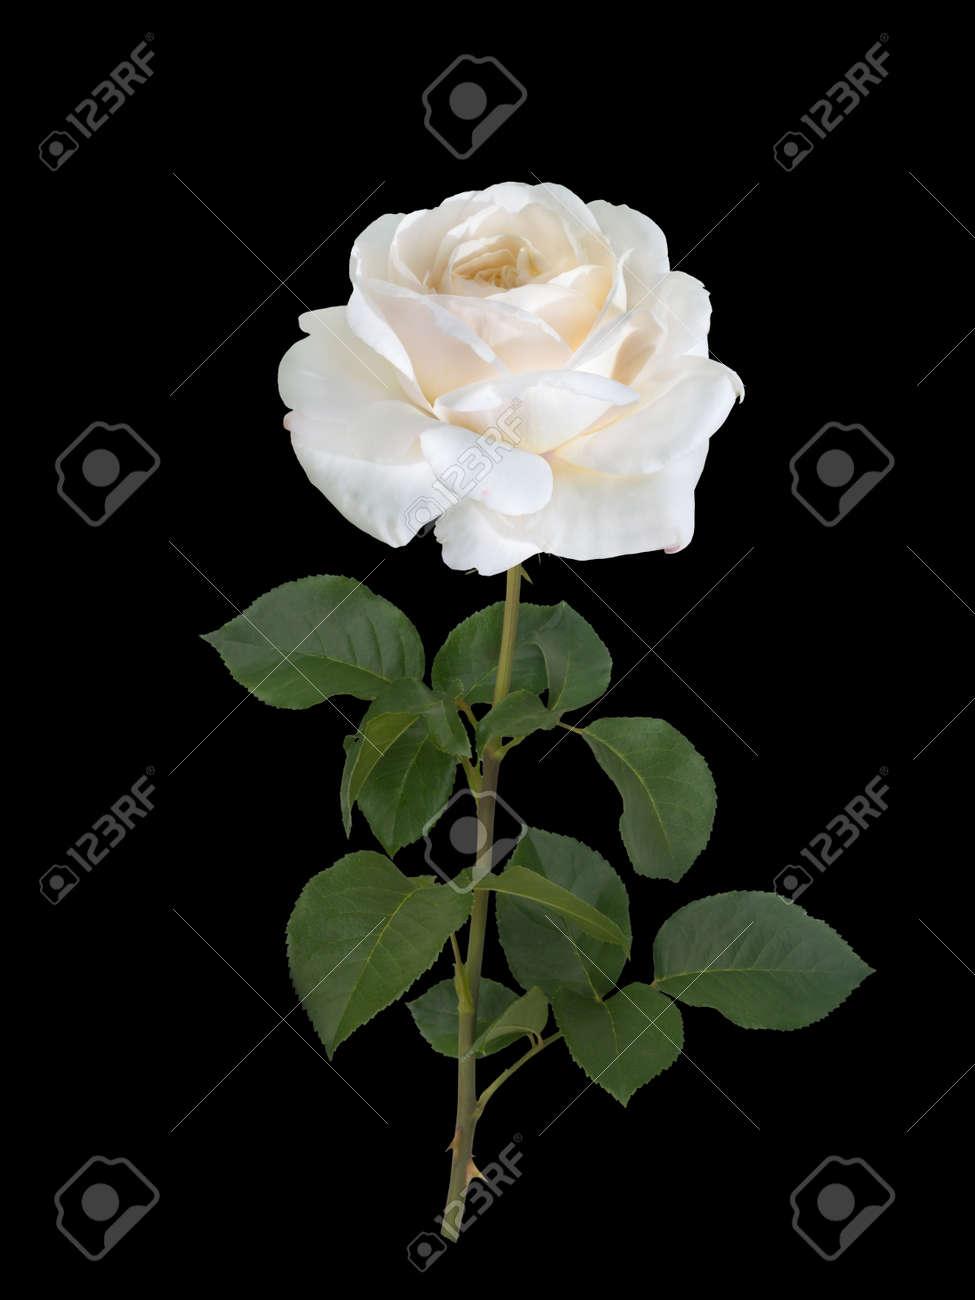 Immagini Stock Rosa Bianca Isolato Su Uno Sfondo Nero Image 66417346